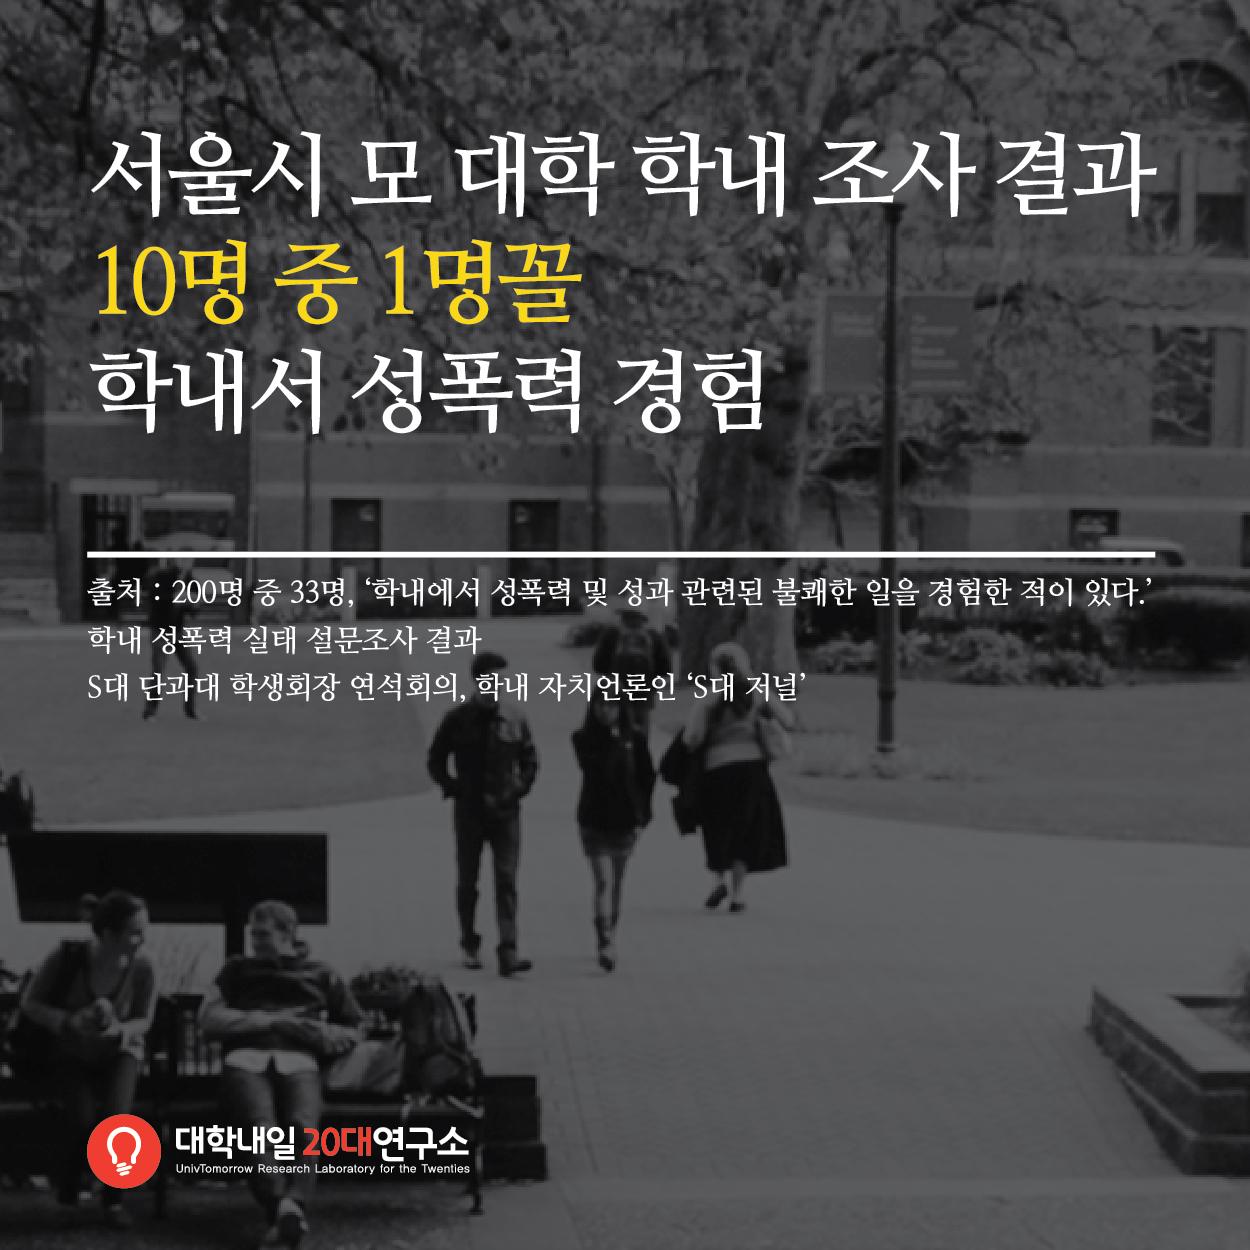 대학_성폭력-01